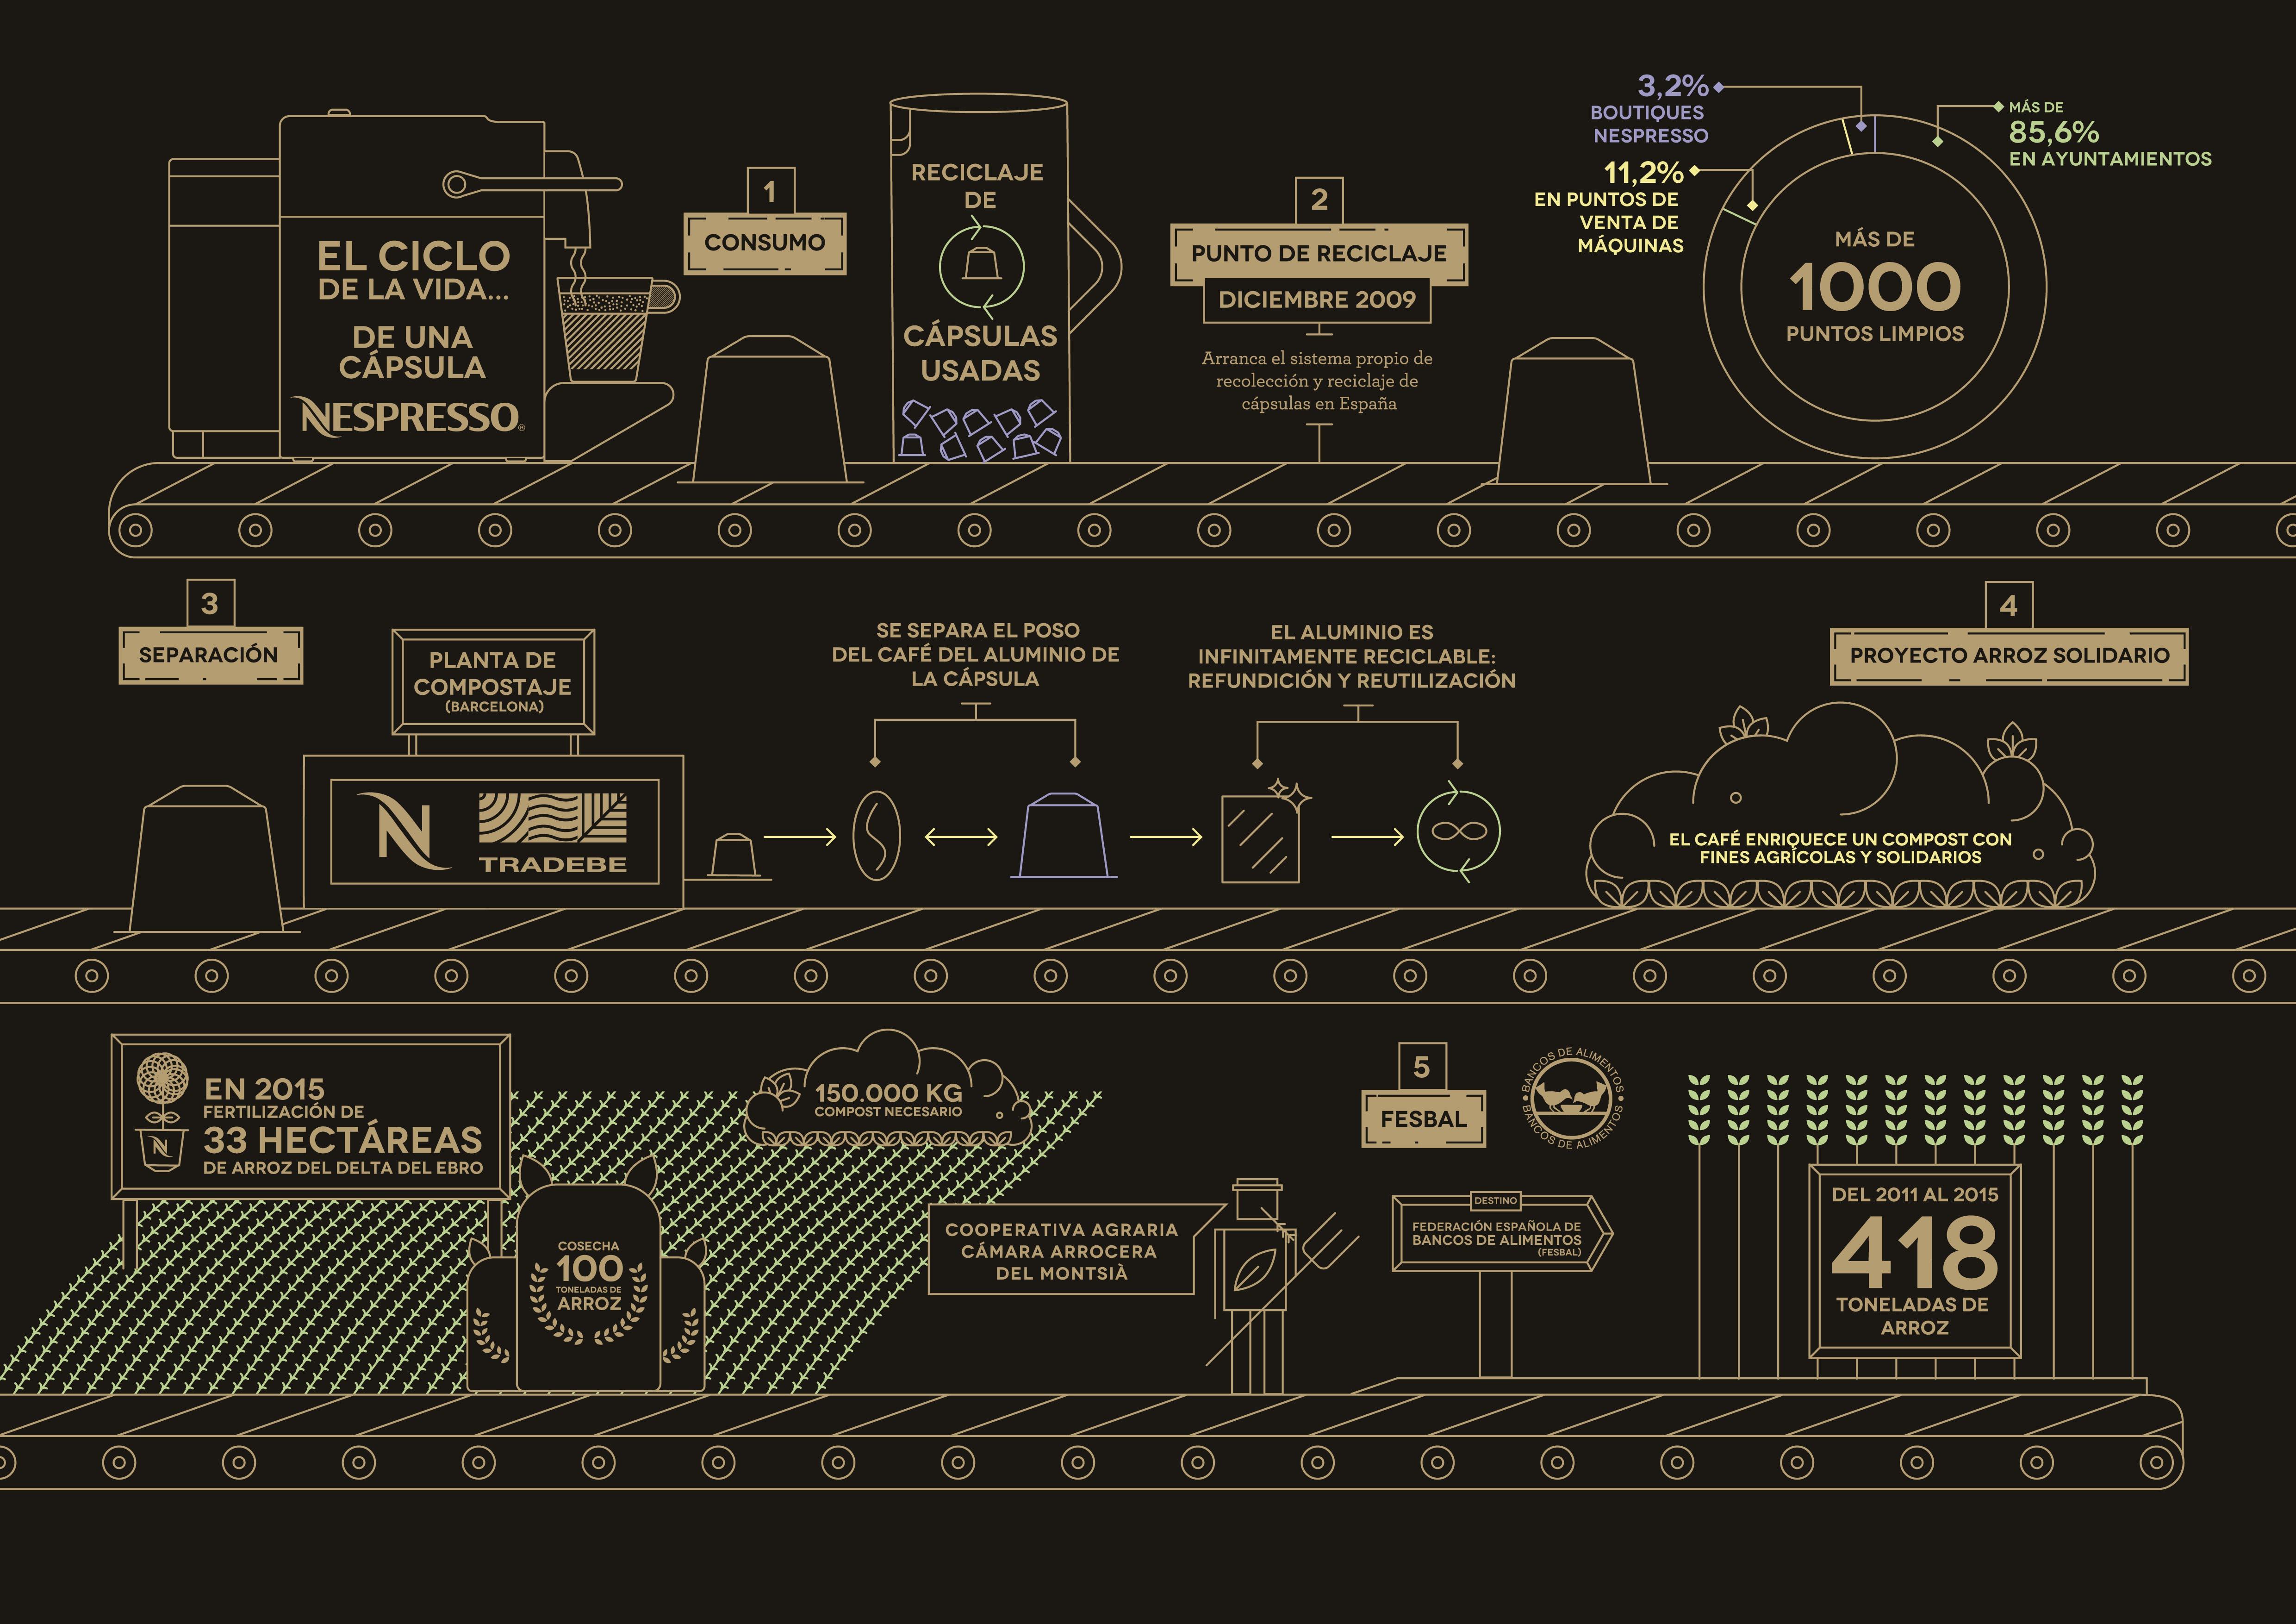 El ciclo de vida de una cápsula de café